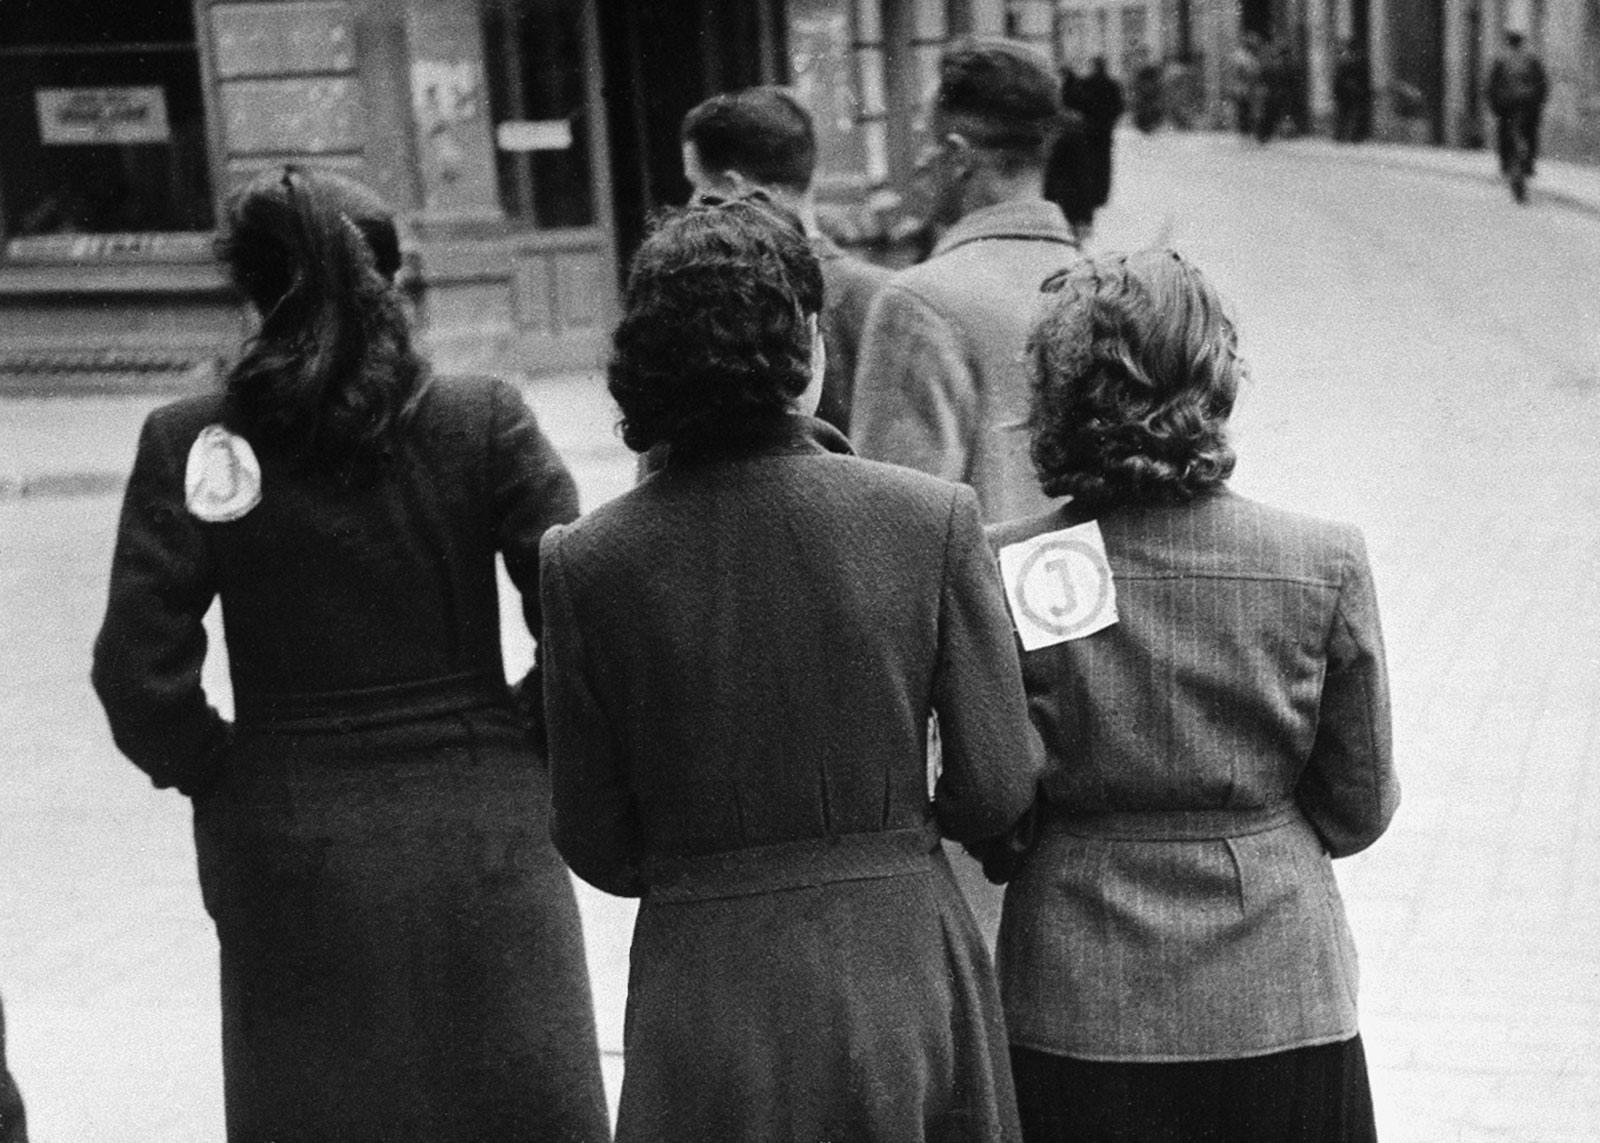 1941. Оставшииеся в живых евреи собраны в гетто, где должны носить желтый круг с буквой «J» посередине. Вильно, Июль